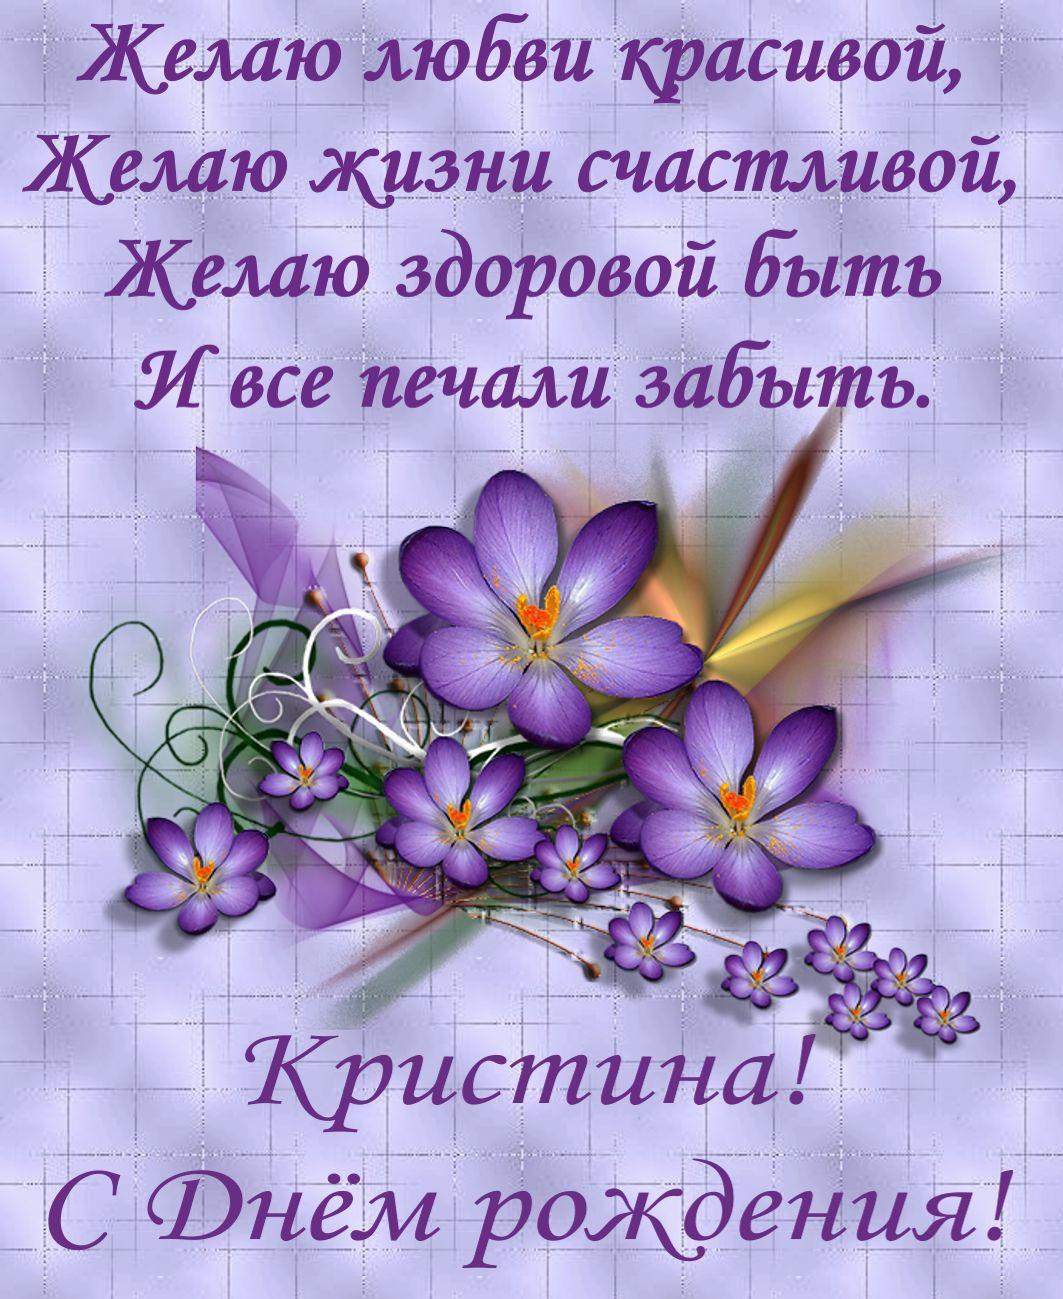 Открытка на День рождения Кристине - цветы с пожеланием на красивом фоне